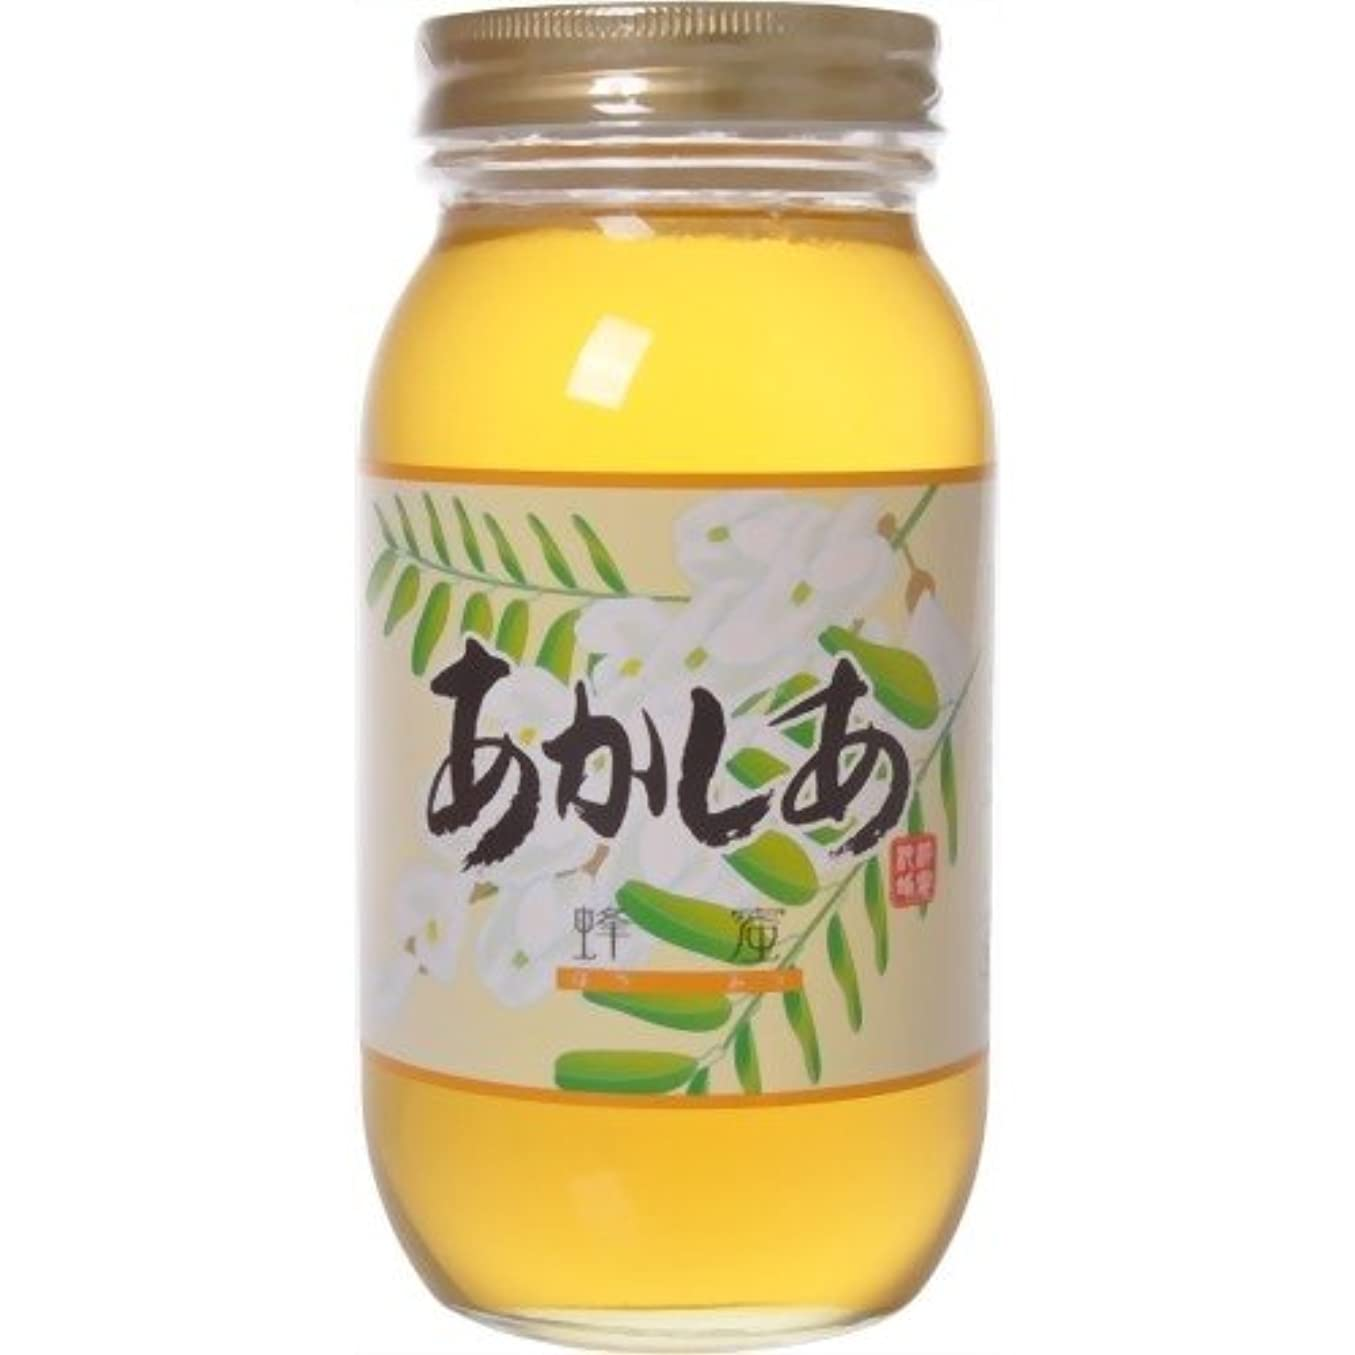 広範囲にデータムの間で藤井養蜂場 中国産アカシアはちみつ 1kg